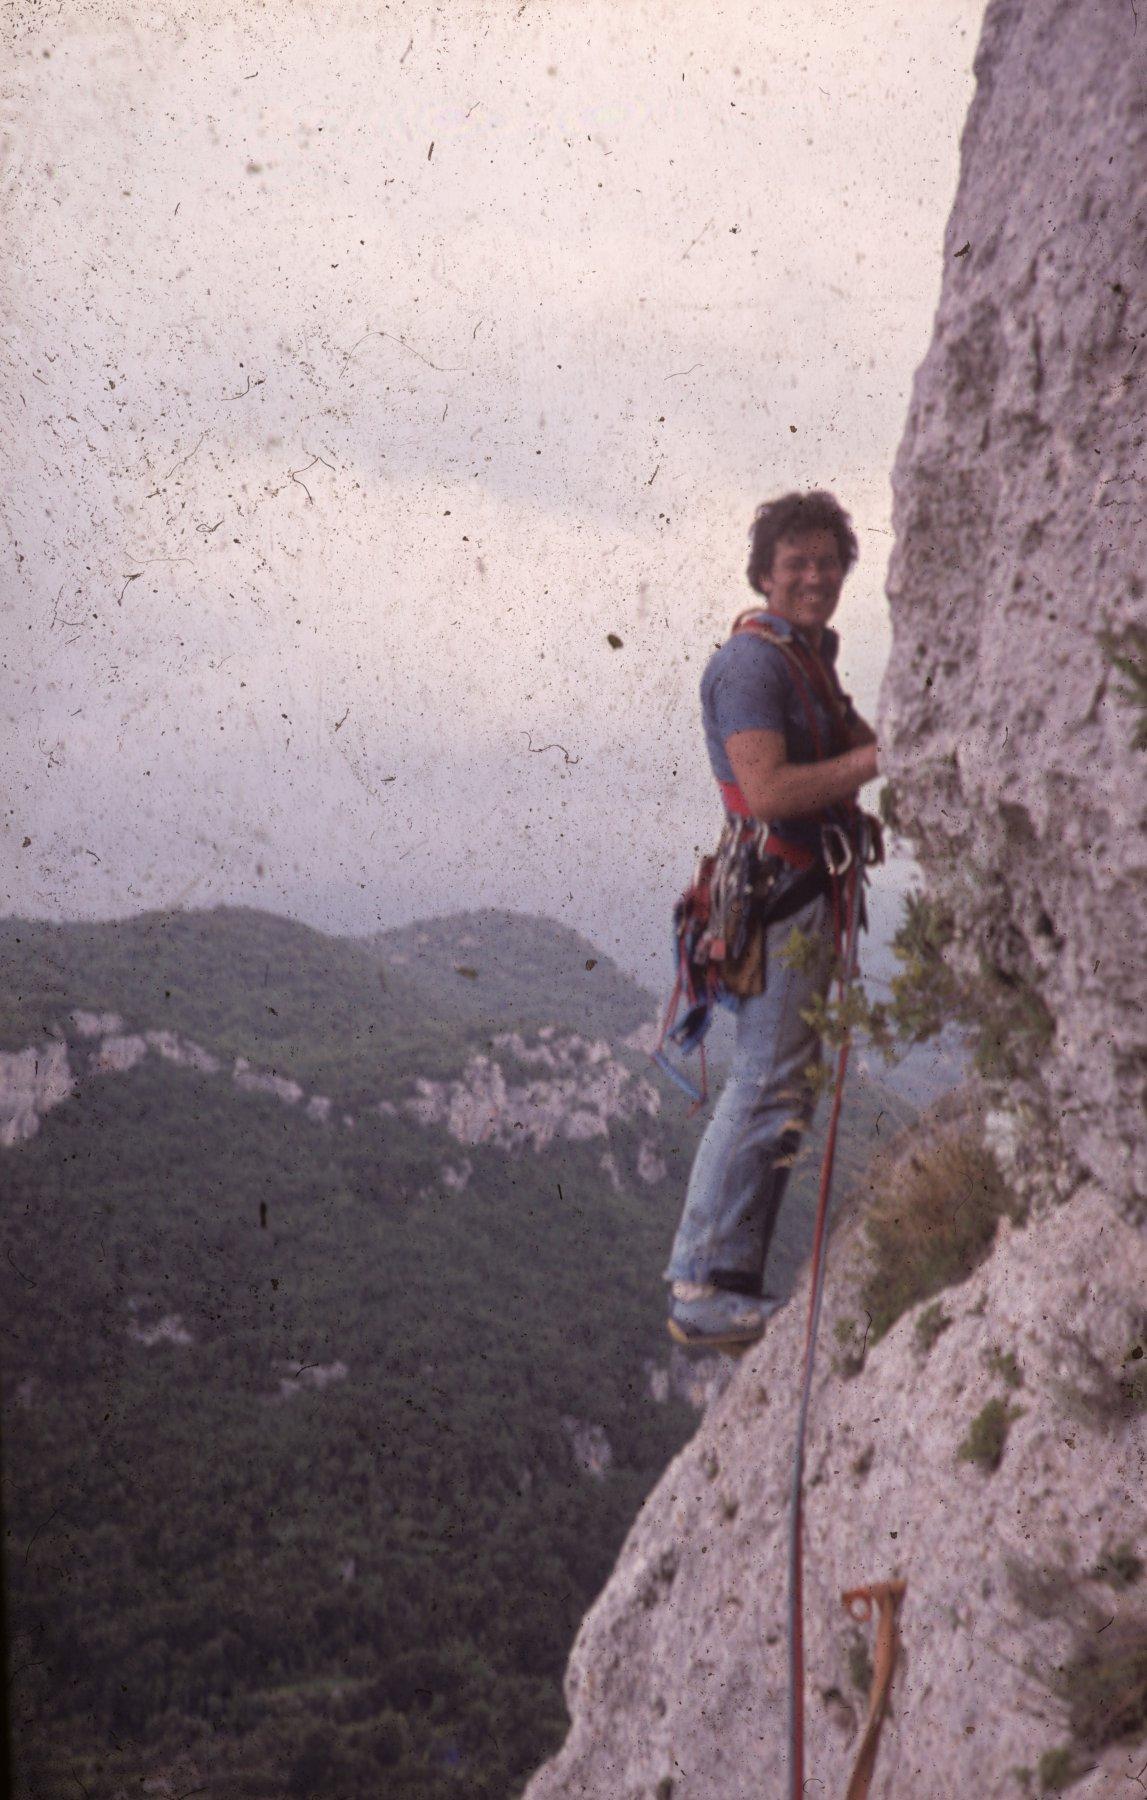 Vittorio Simonetti in apertura sul penultimo tiro (per gentile concessione di A. Grillo)